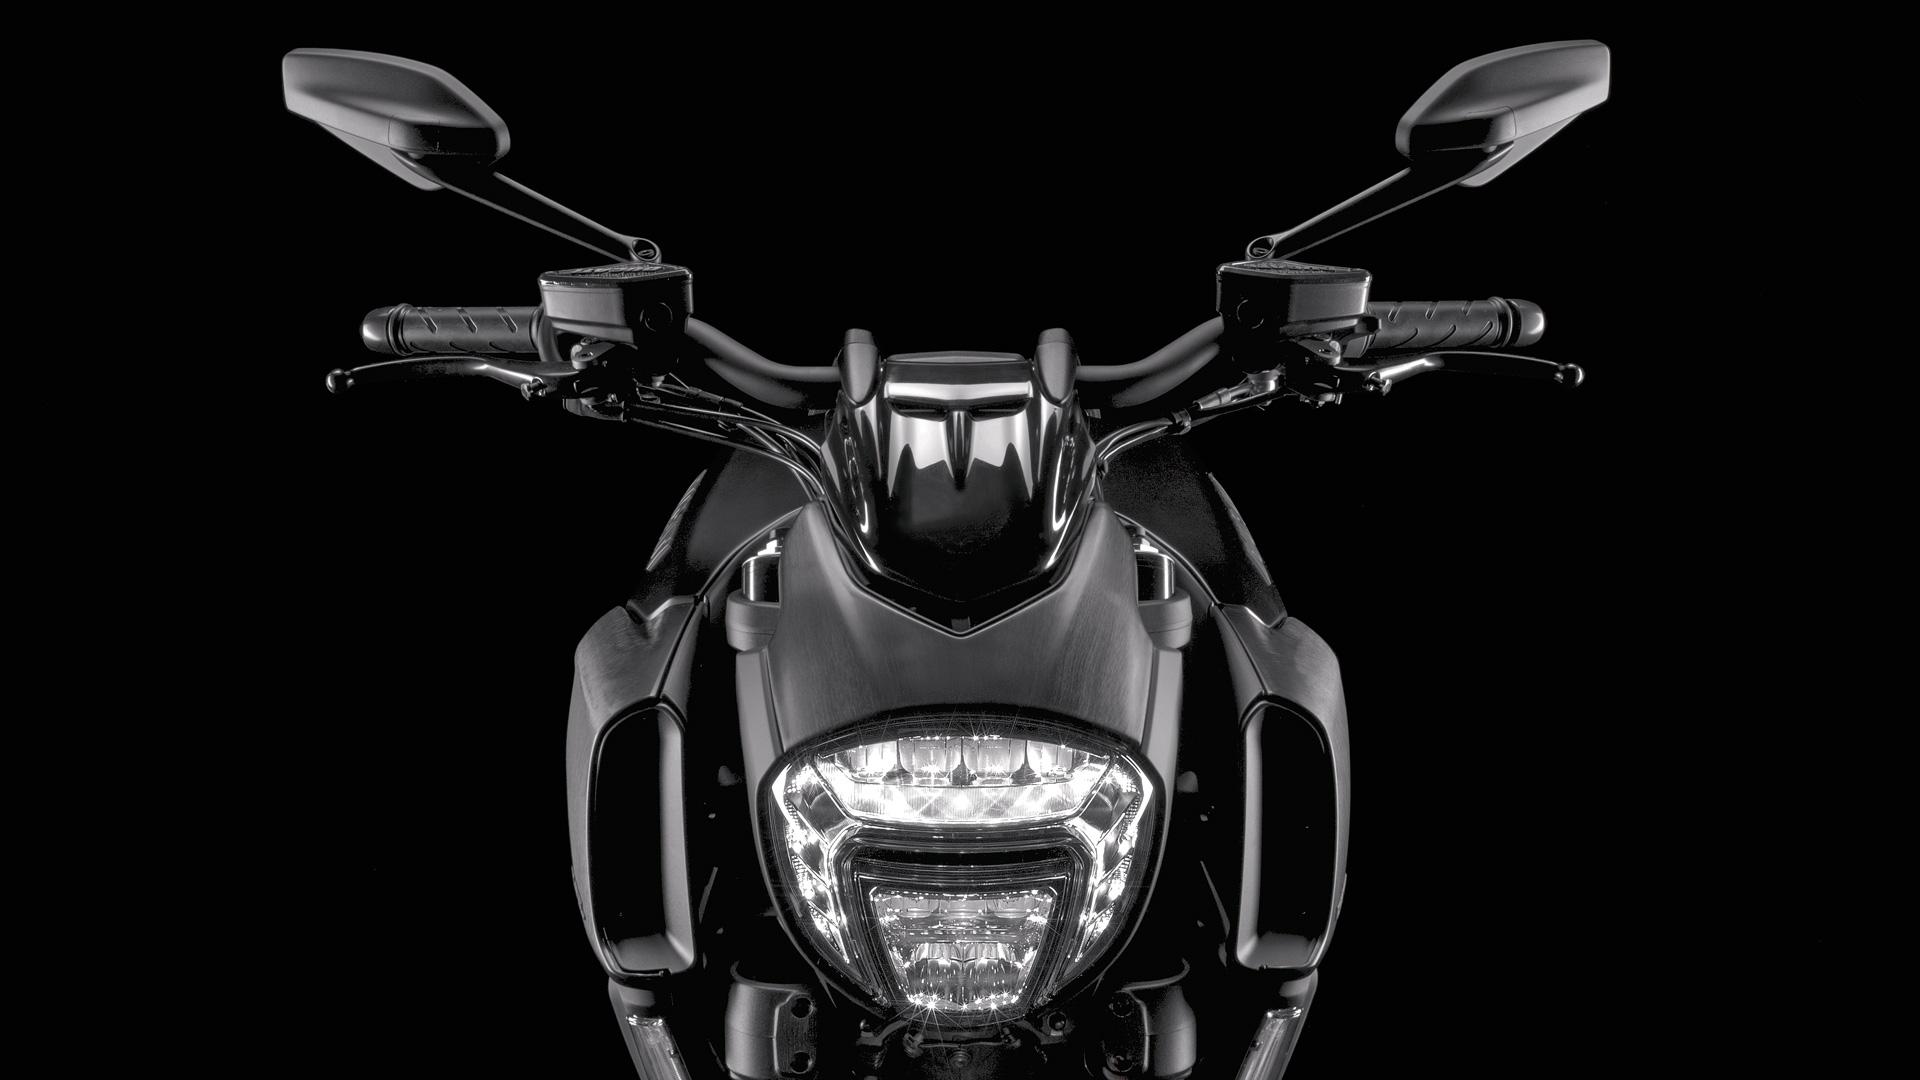 Ducati ya trabaja en su moto eléctrica